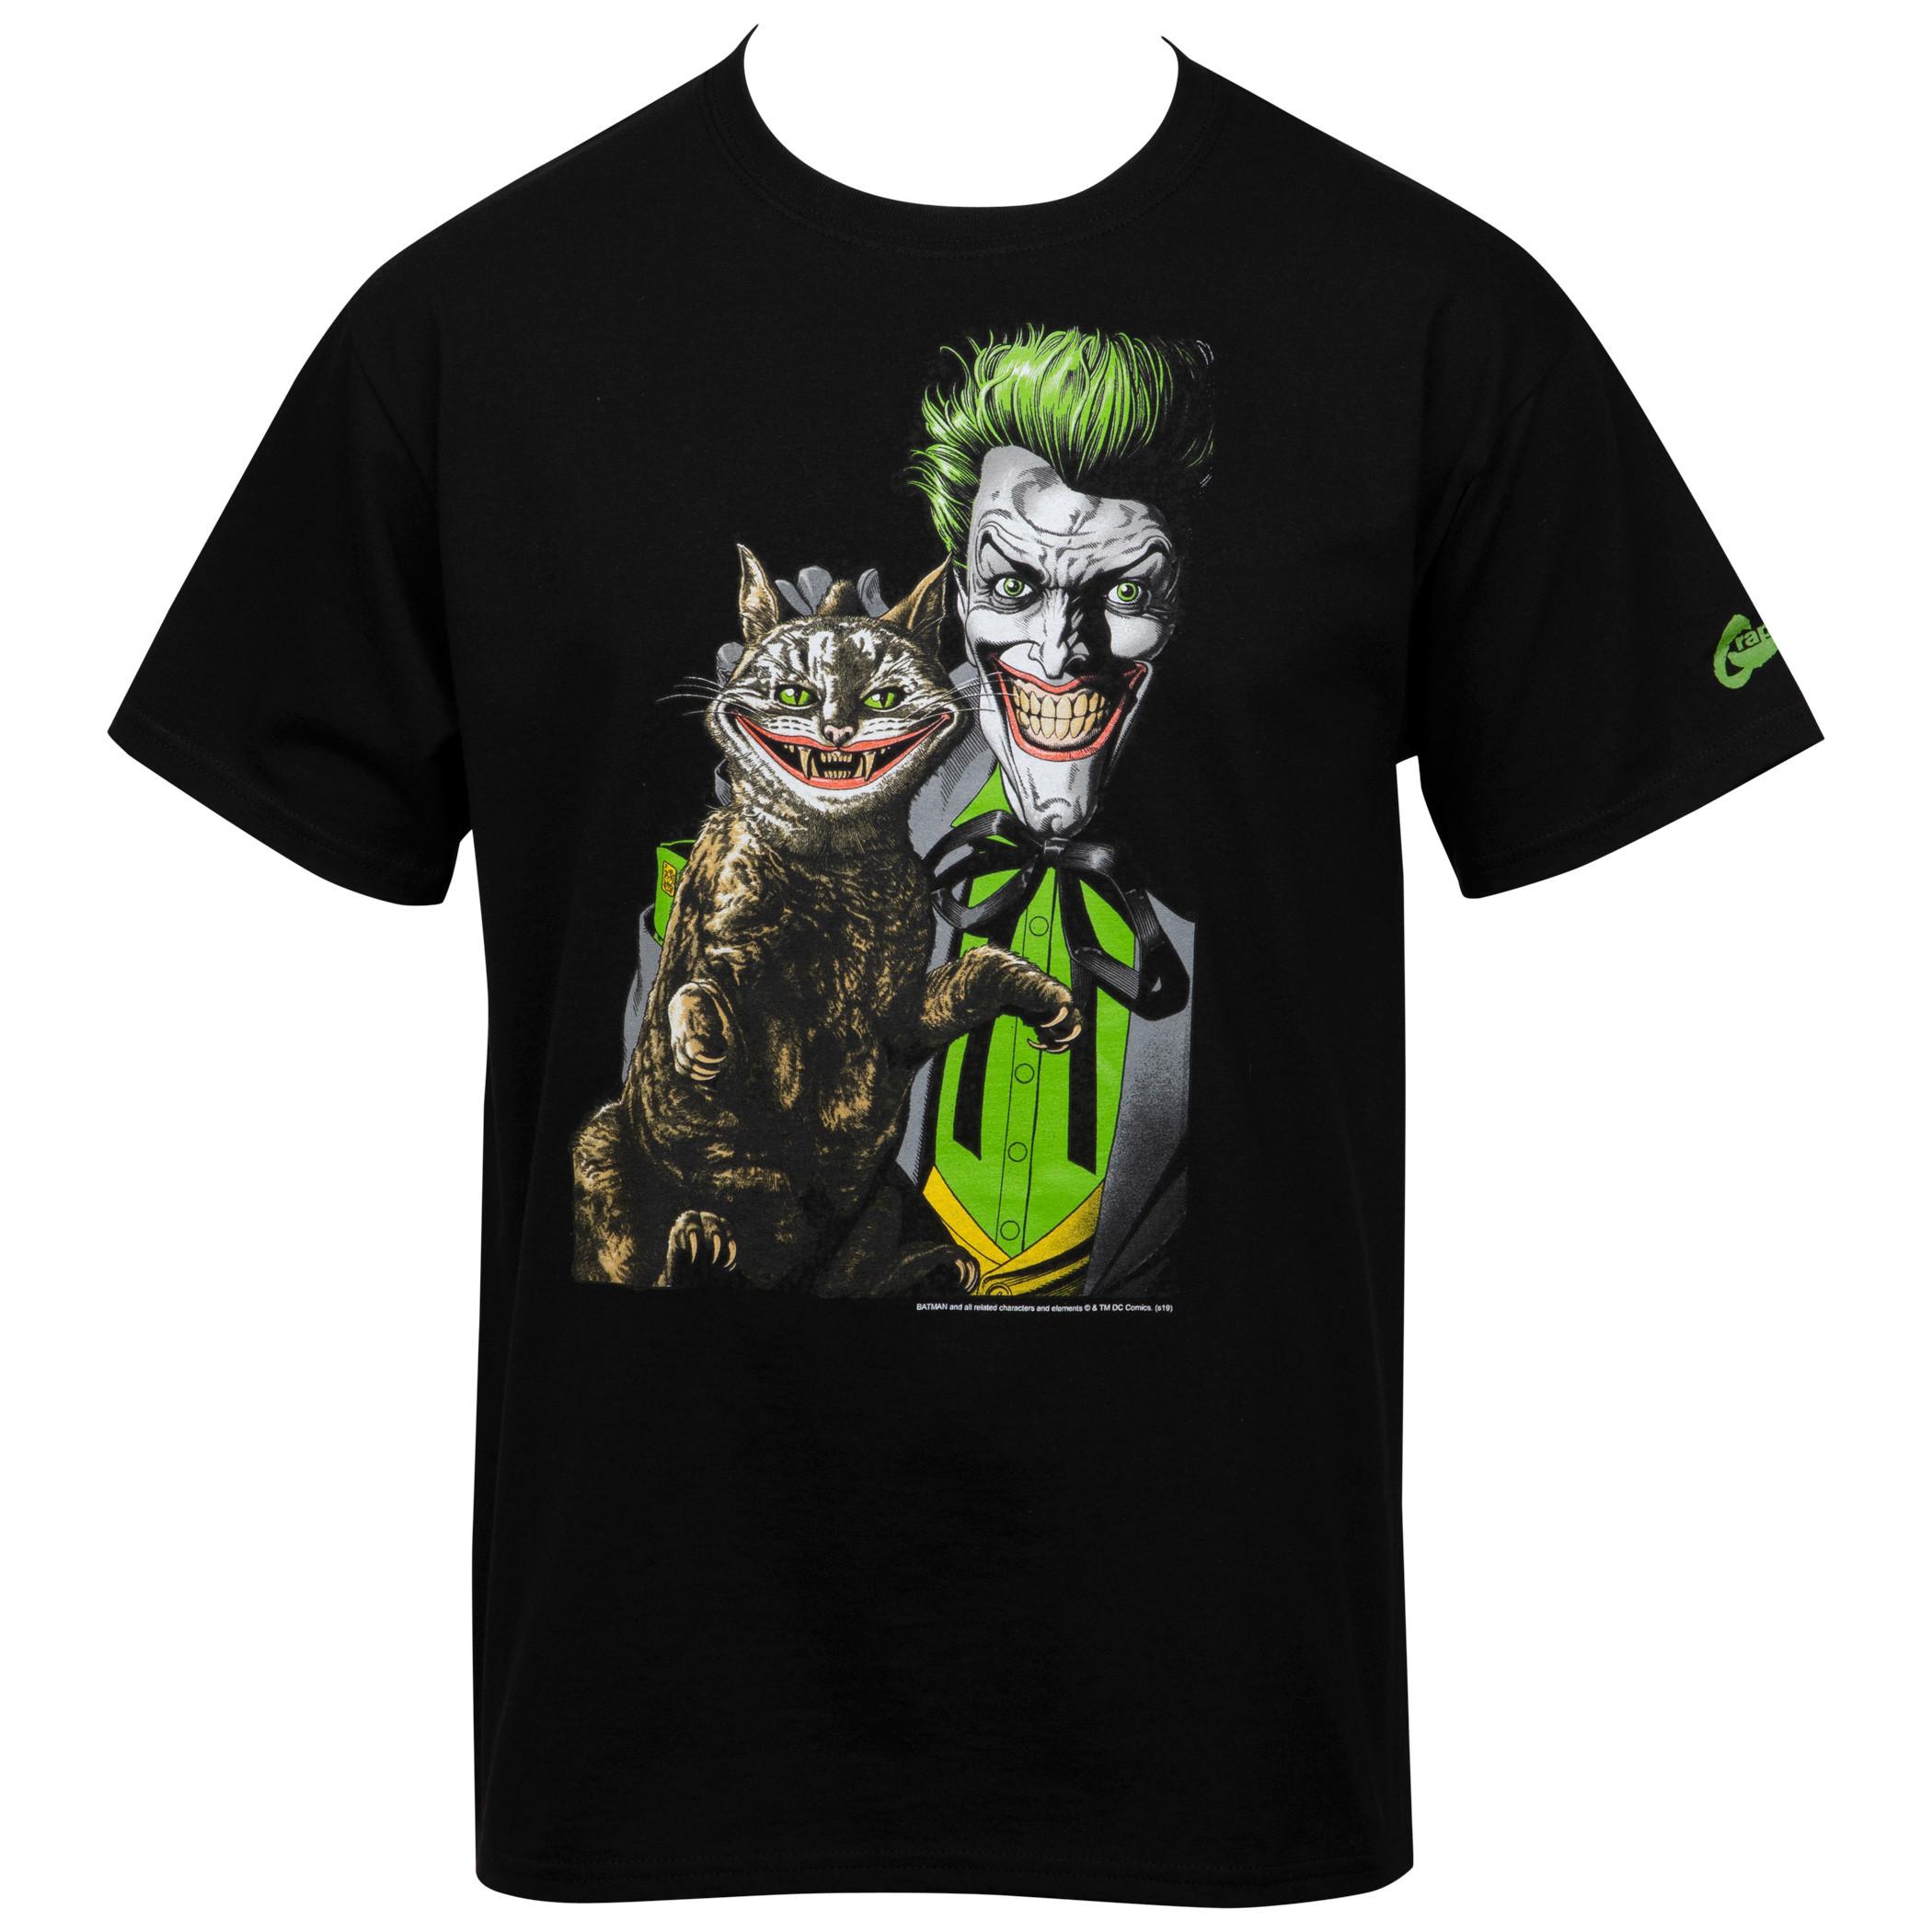 Joker PuuurfectCrime art by Brian Bolland T-Shirt